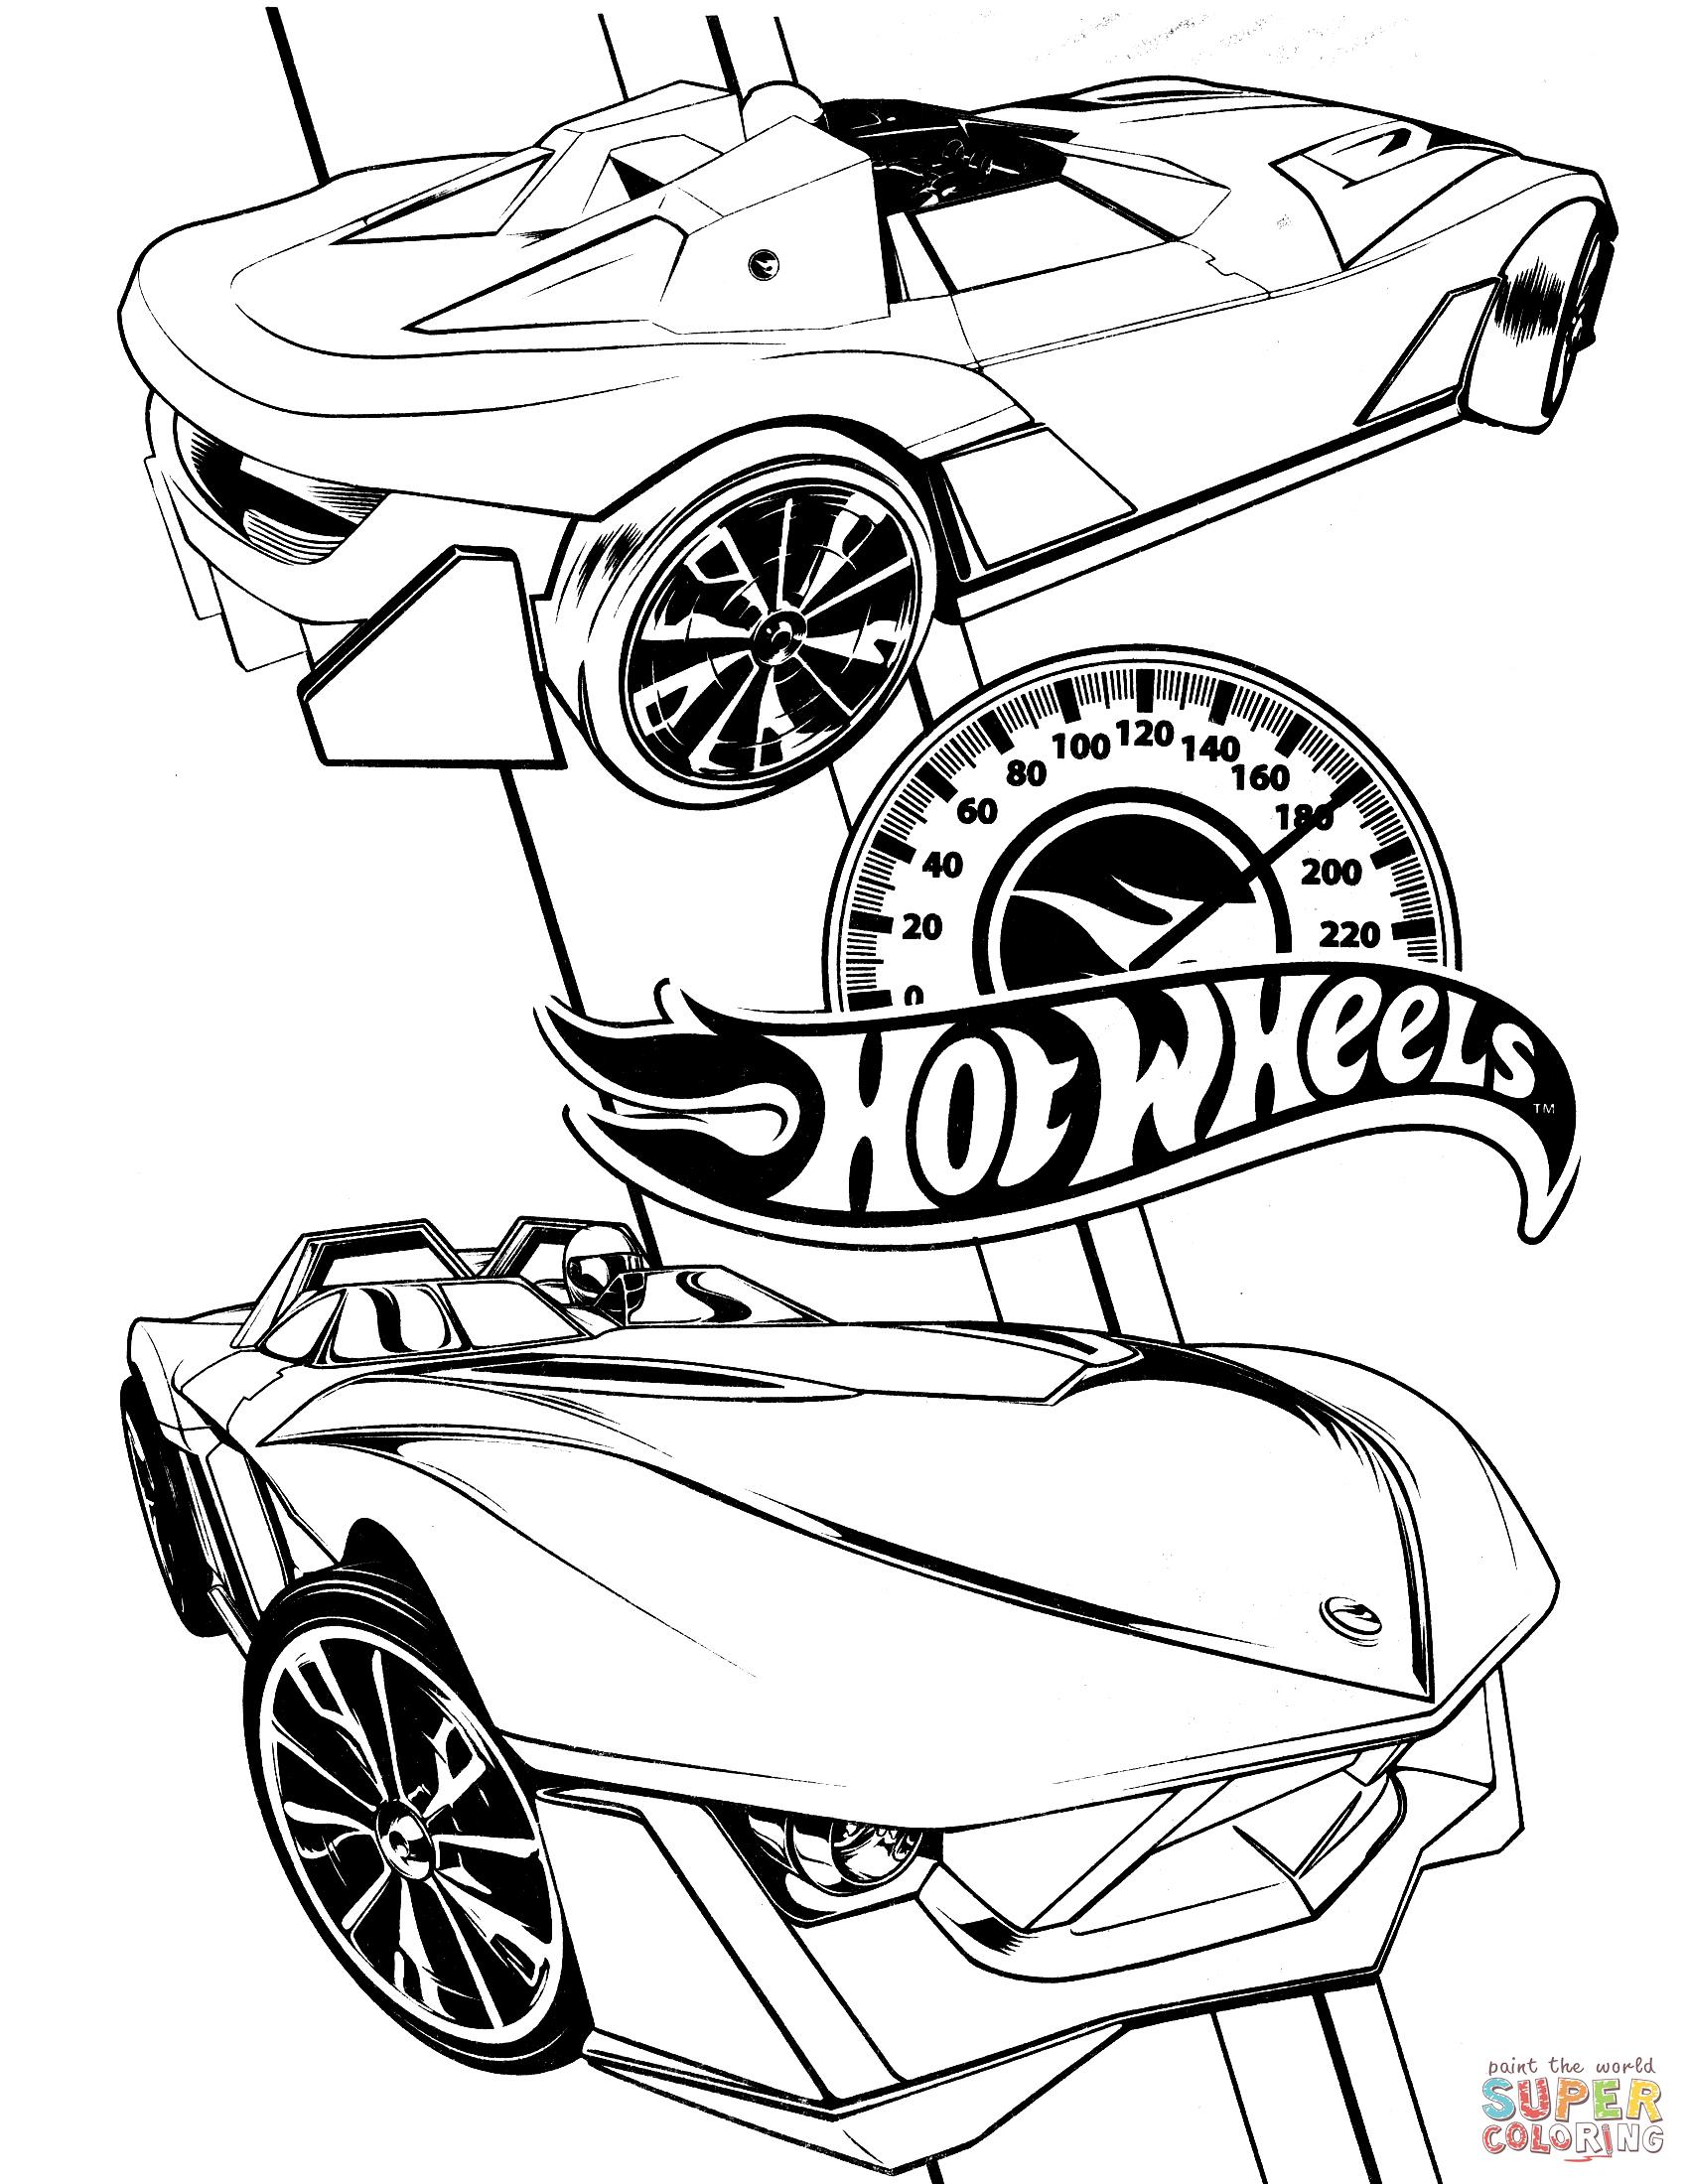 Coloriage - Hot Wheels | Coloriages À Imprimer Gratuits intérieur Coloriage Grande Roue